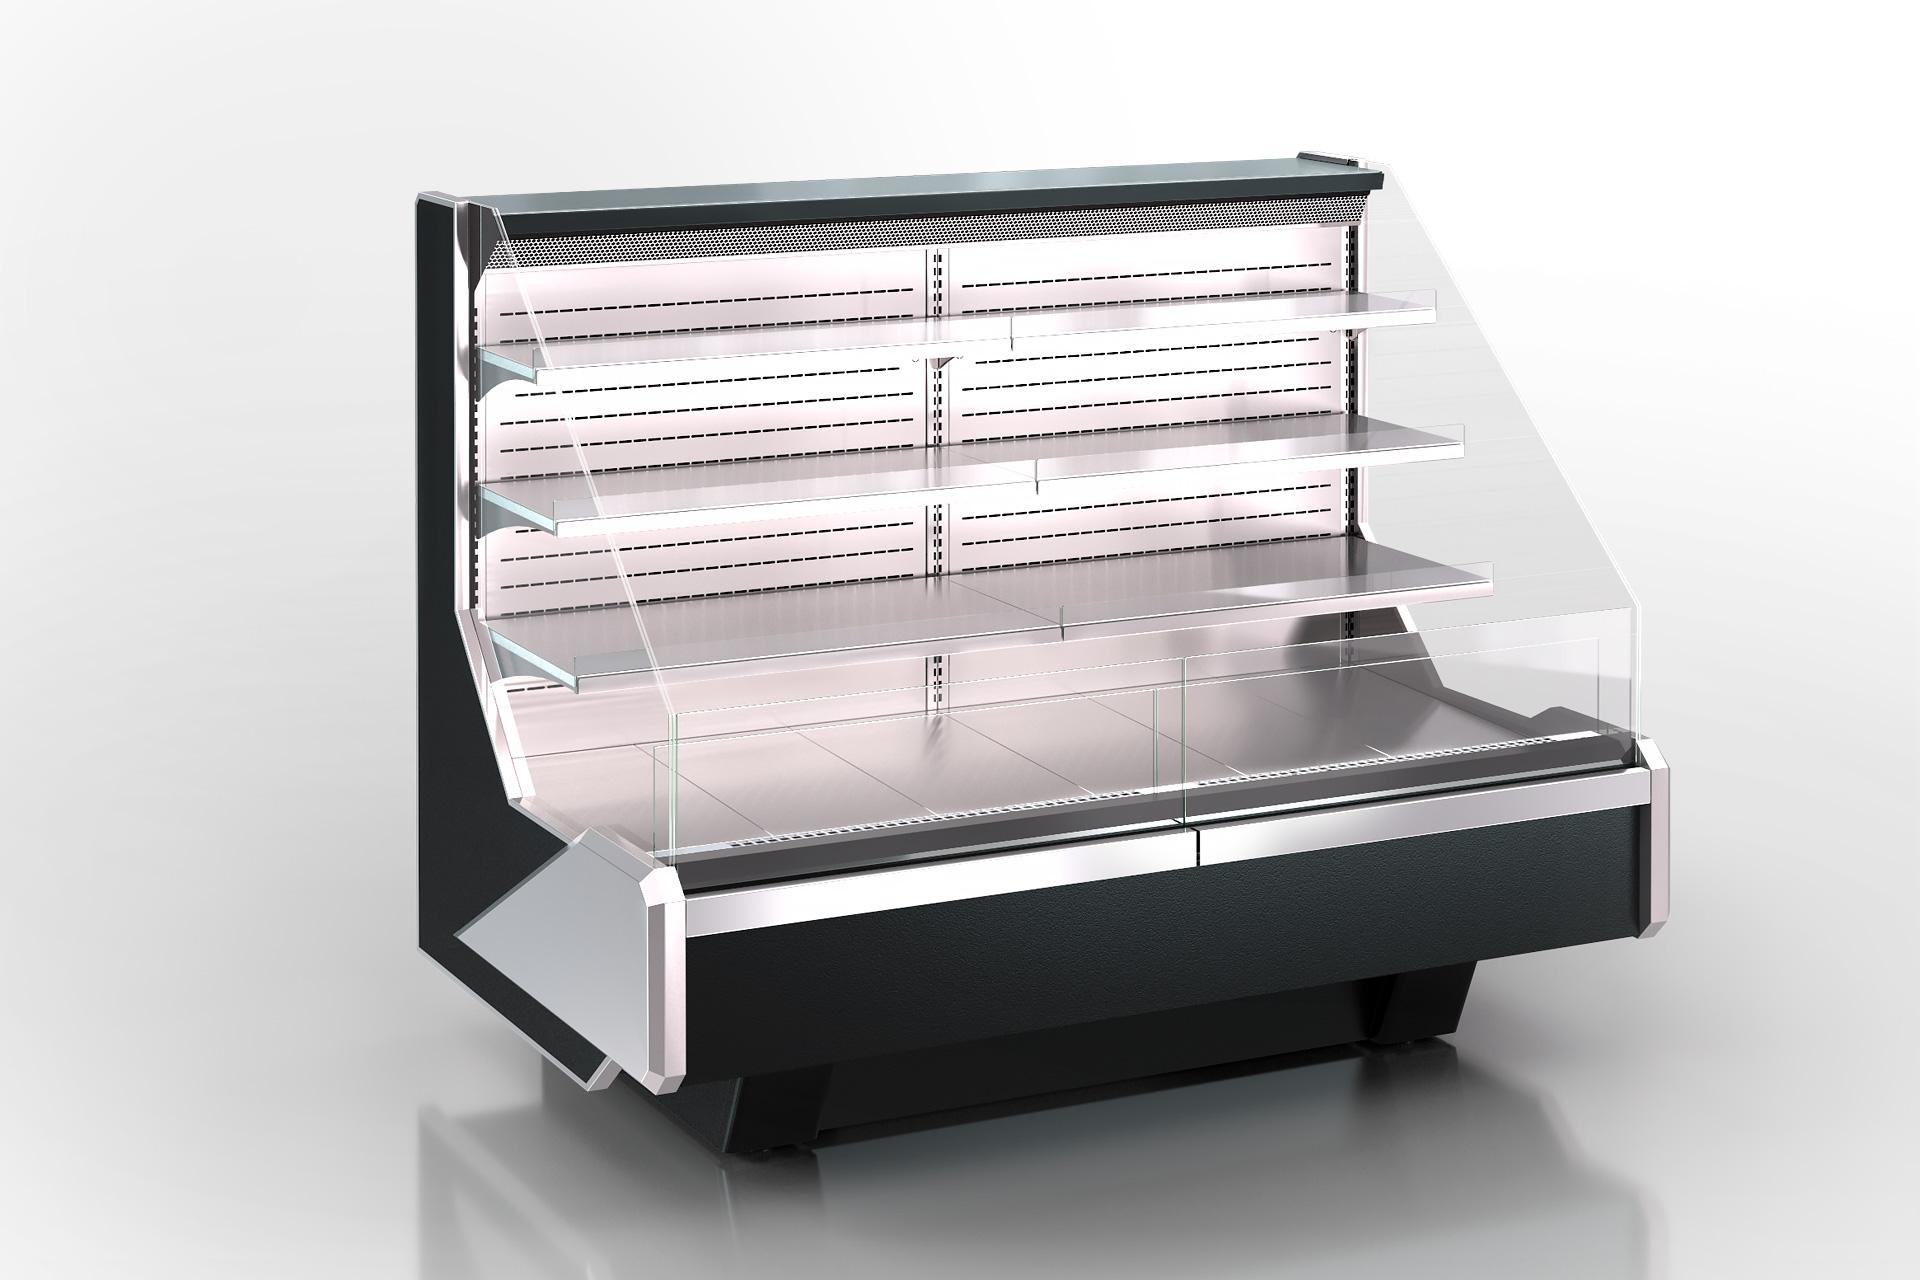 Холодильна вітрина Missouri Enigma MC 120 cascade self 160-DBM